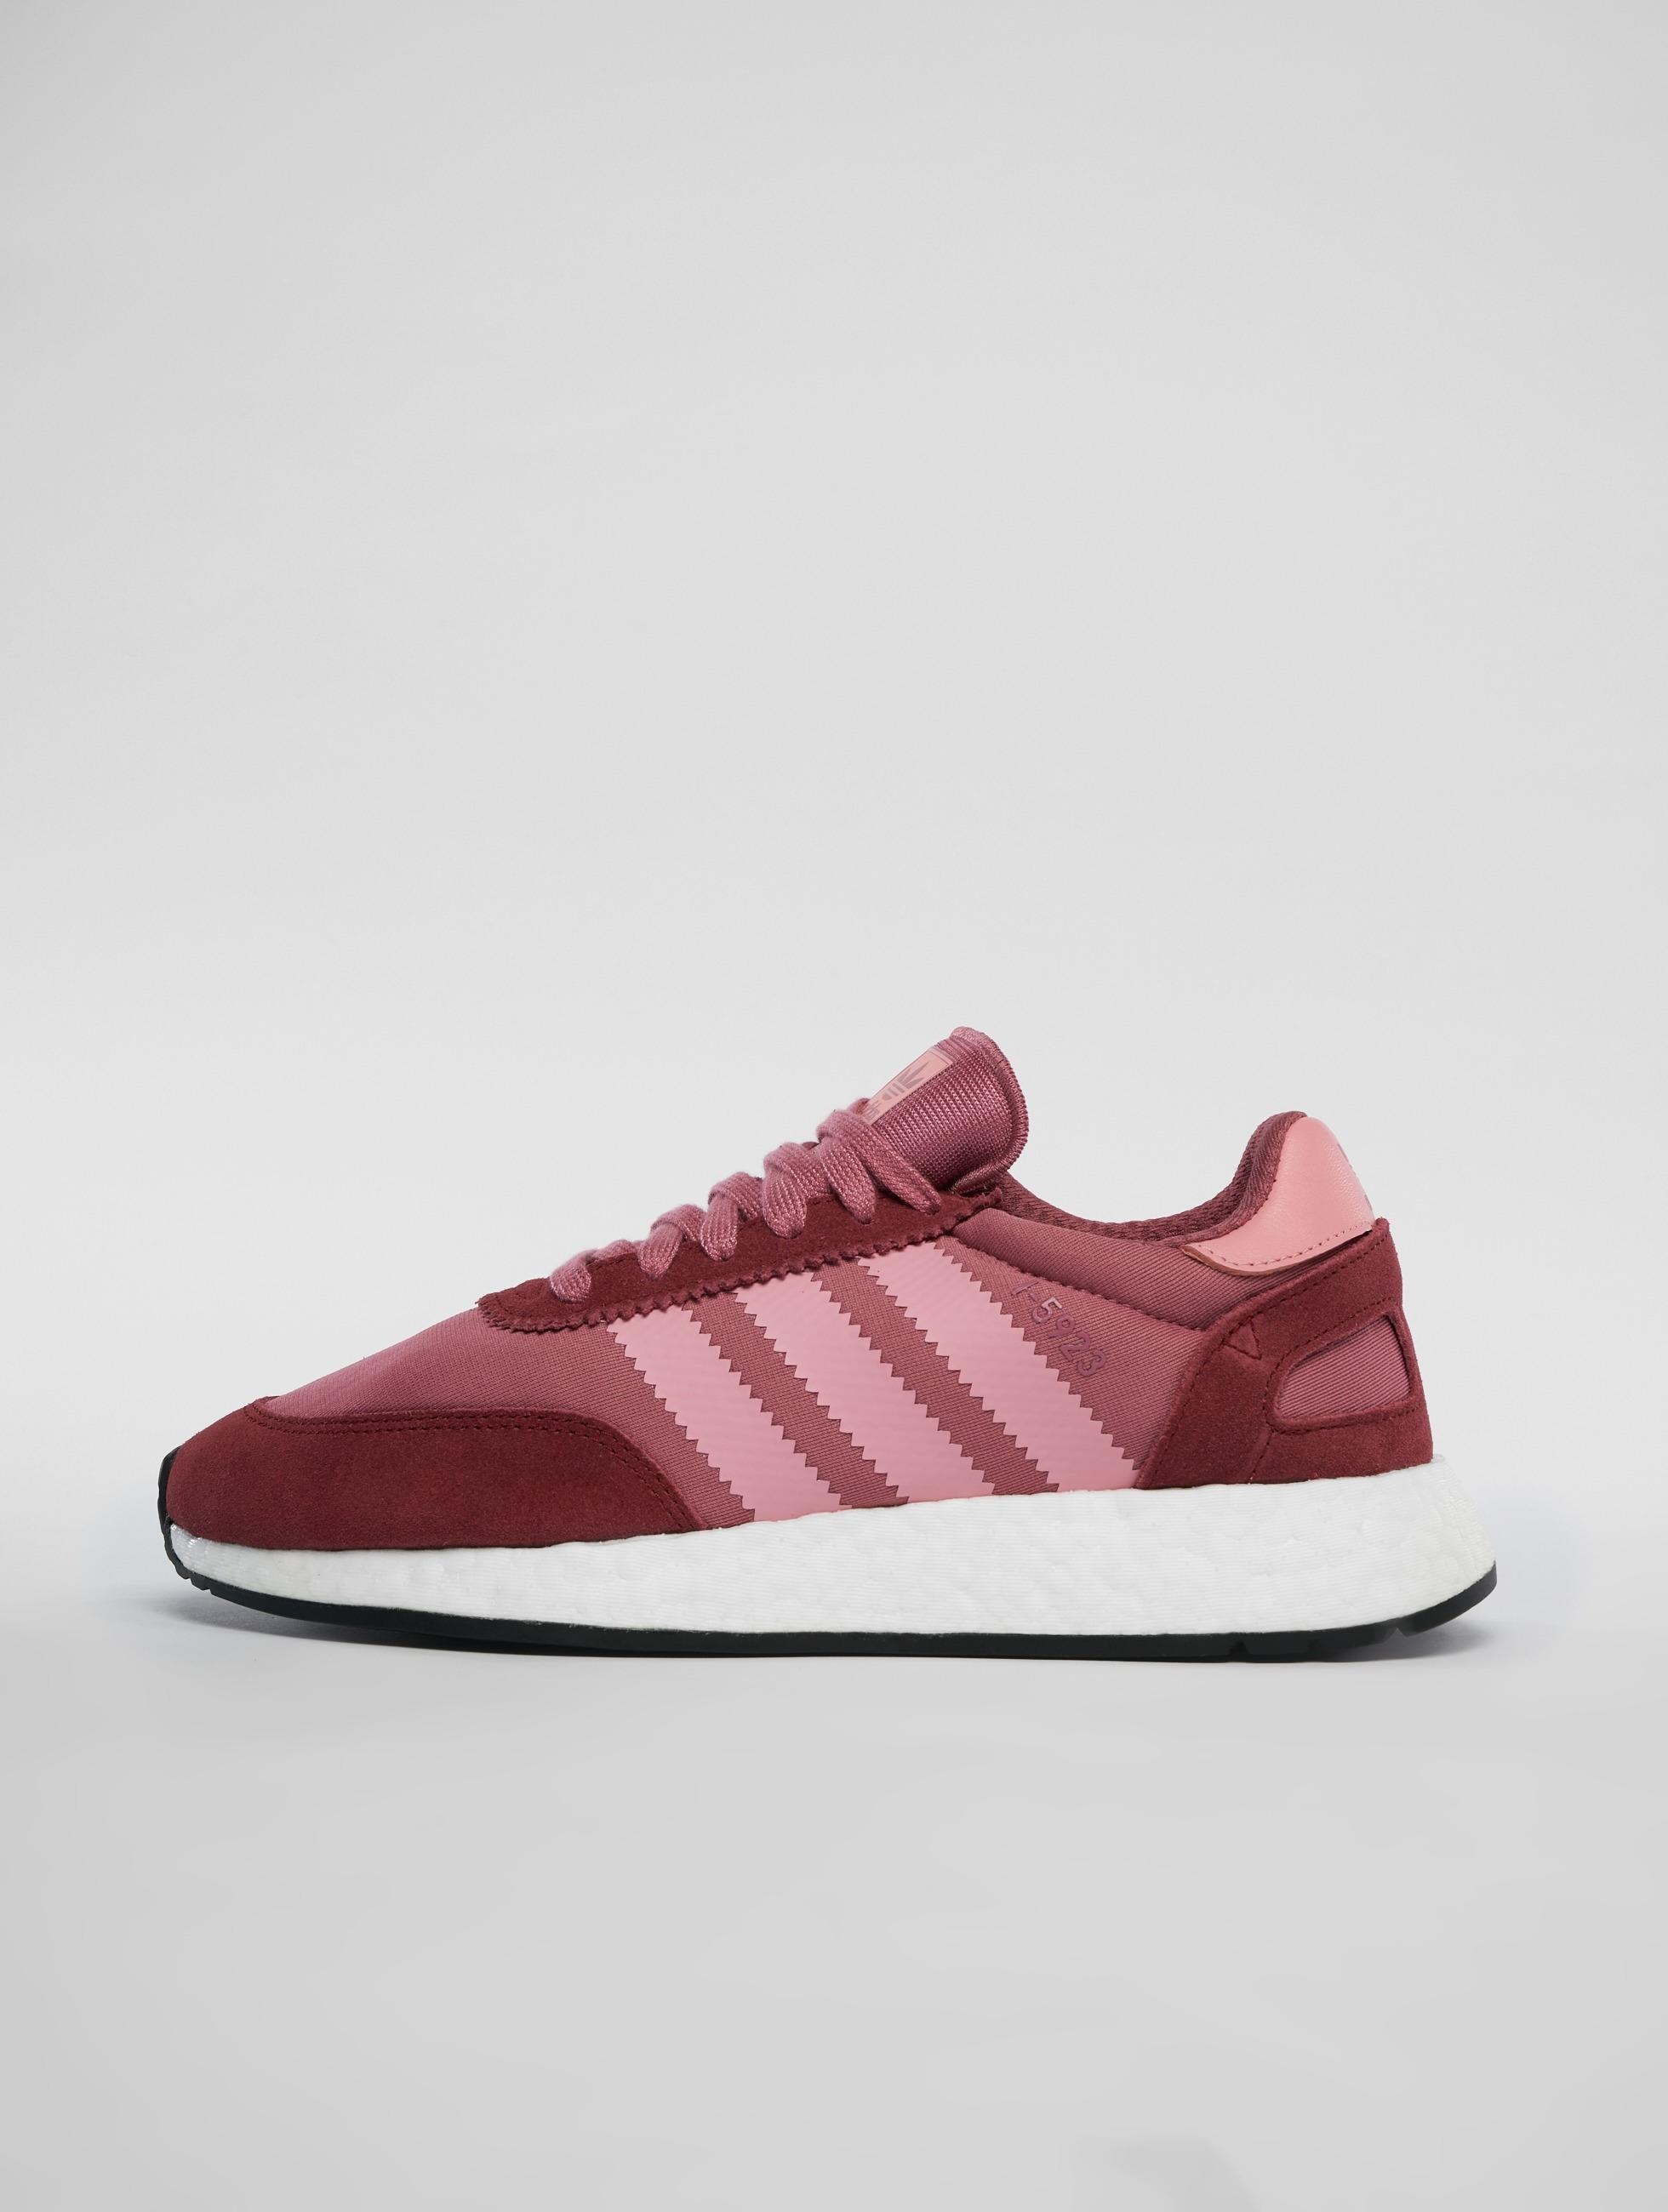 Adidas Sneaker Damen Gr. 40 rosa I 5923 Turnschuhe Schuhe